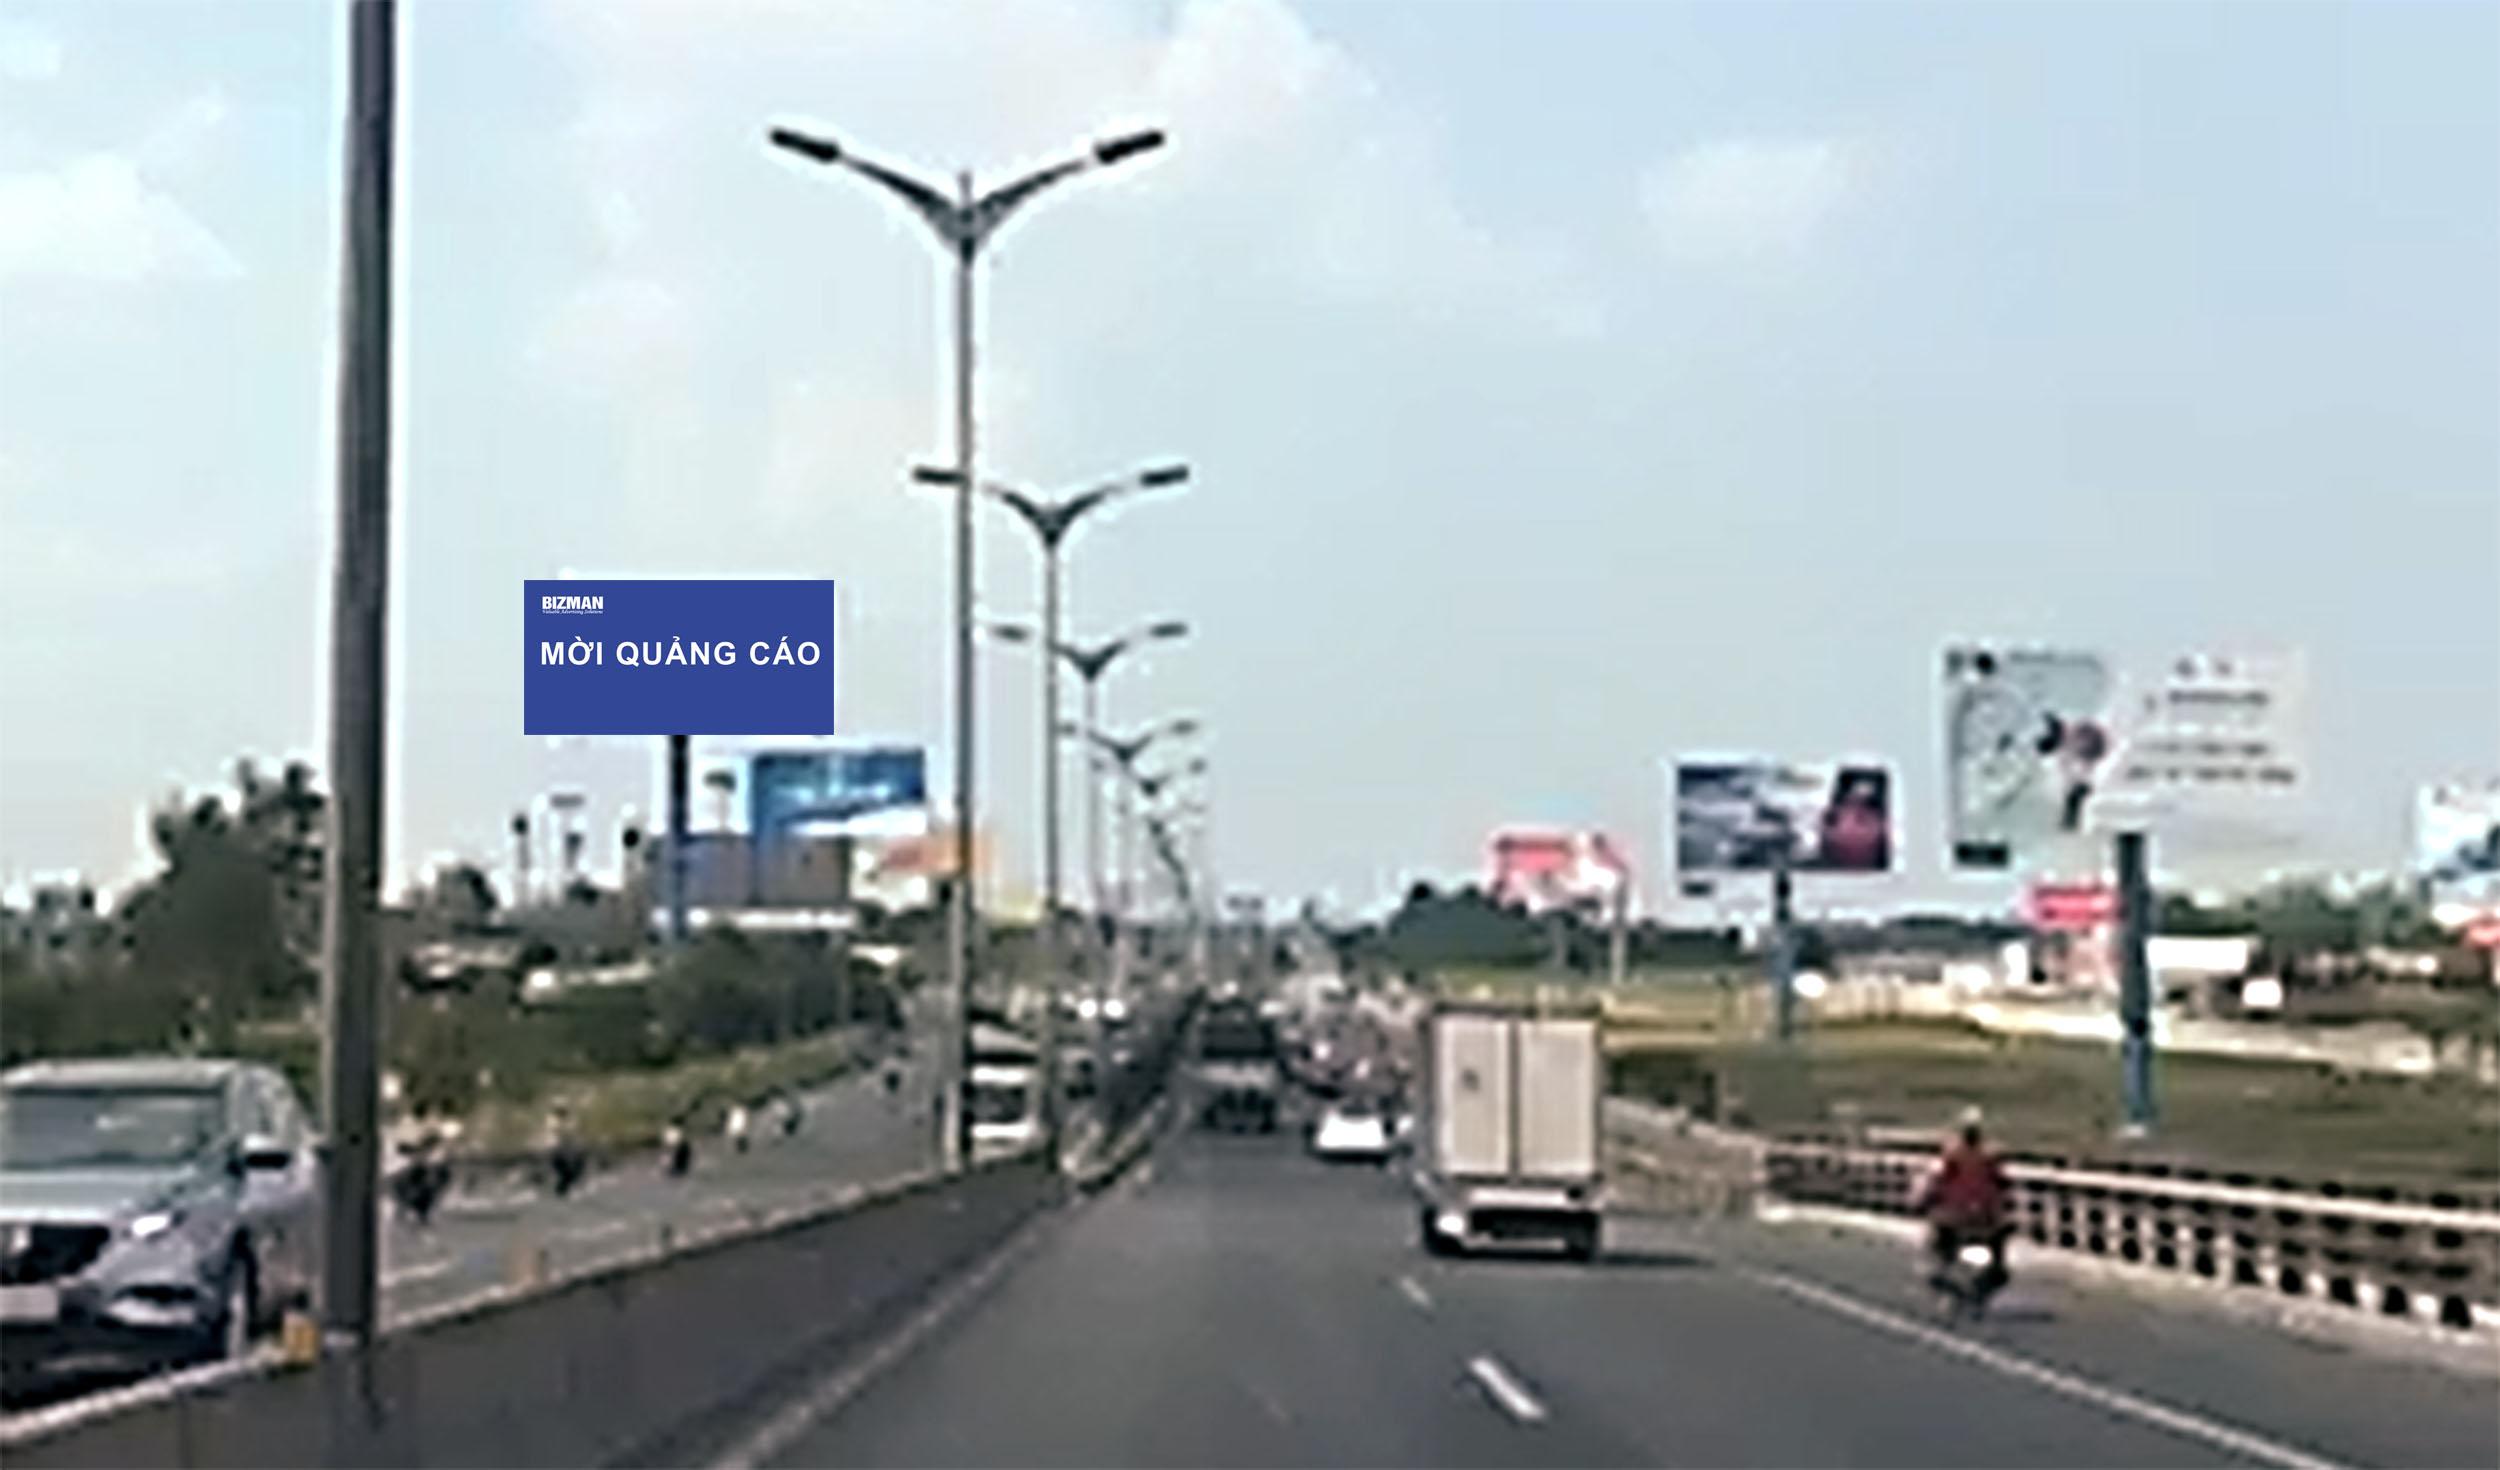 Vị trí số 24 (Bên phải - gần cầu Vĩnh Long): Nằm trên tuyến QL1A, đoạn Vĩnh Long - Cần Thơ, tỉnh Cần Thơ